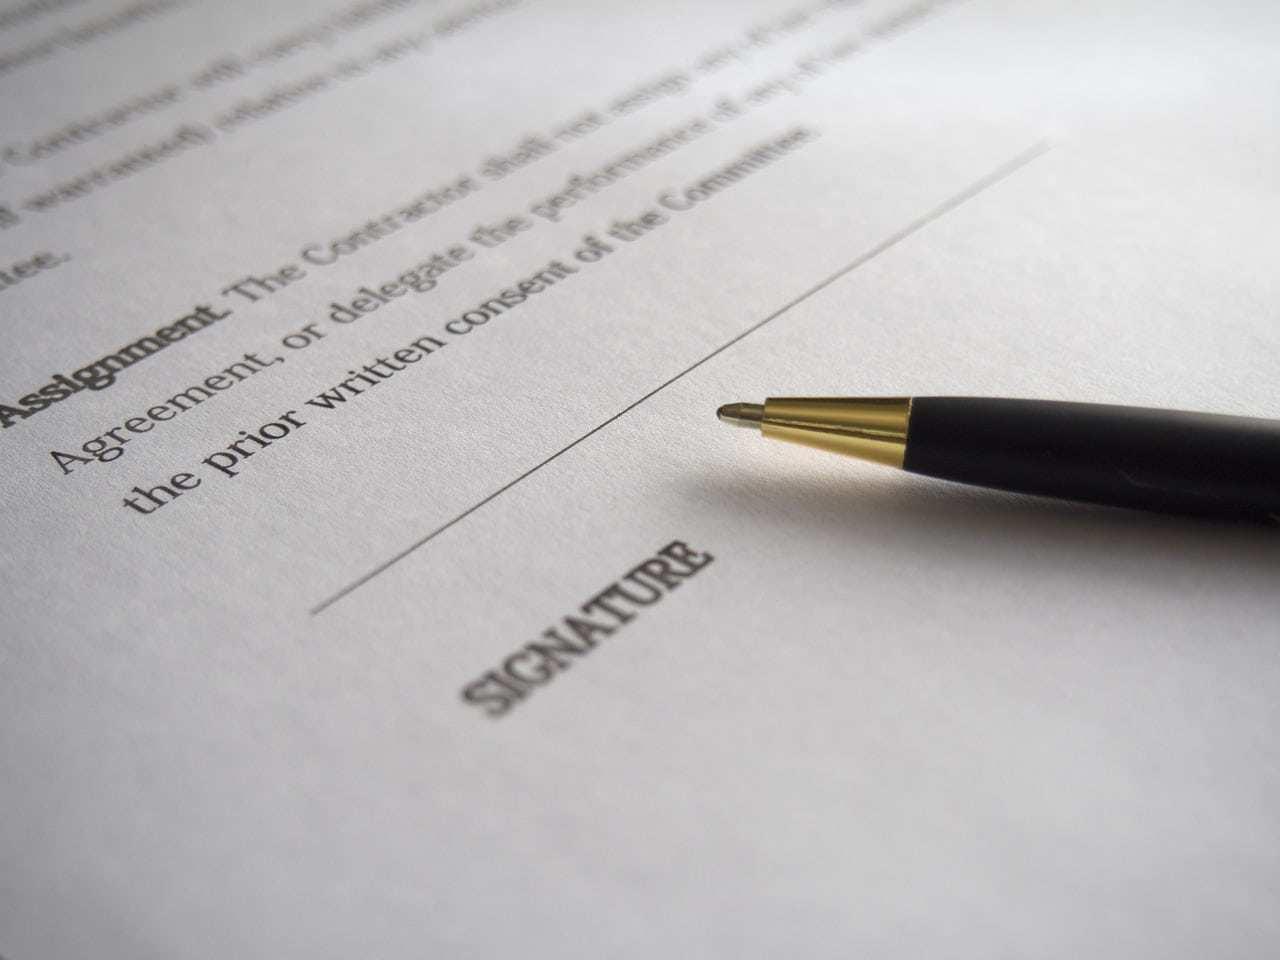 Rsv Anspruch Bei Kundigung Vertragswertcheck